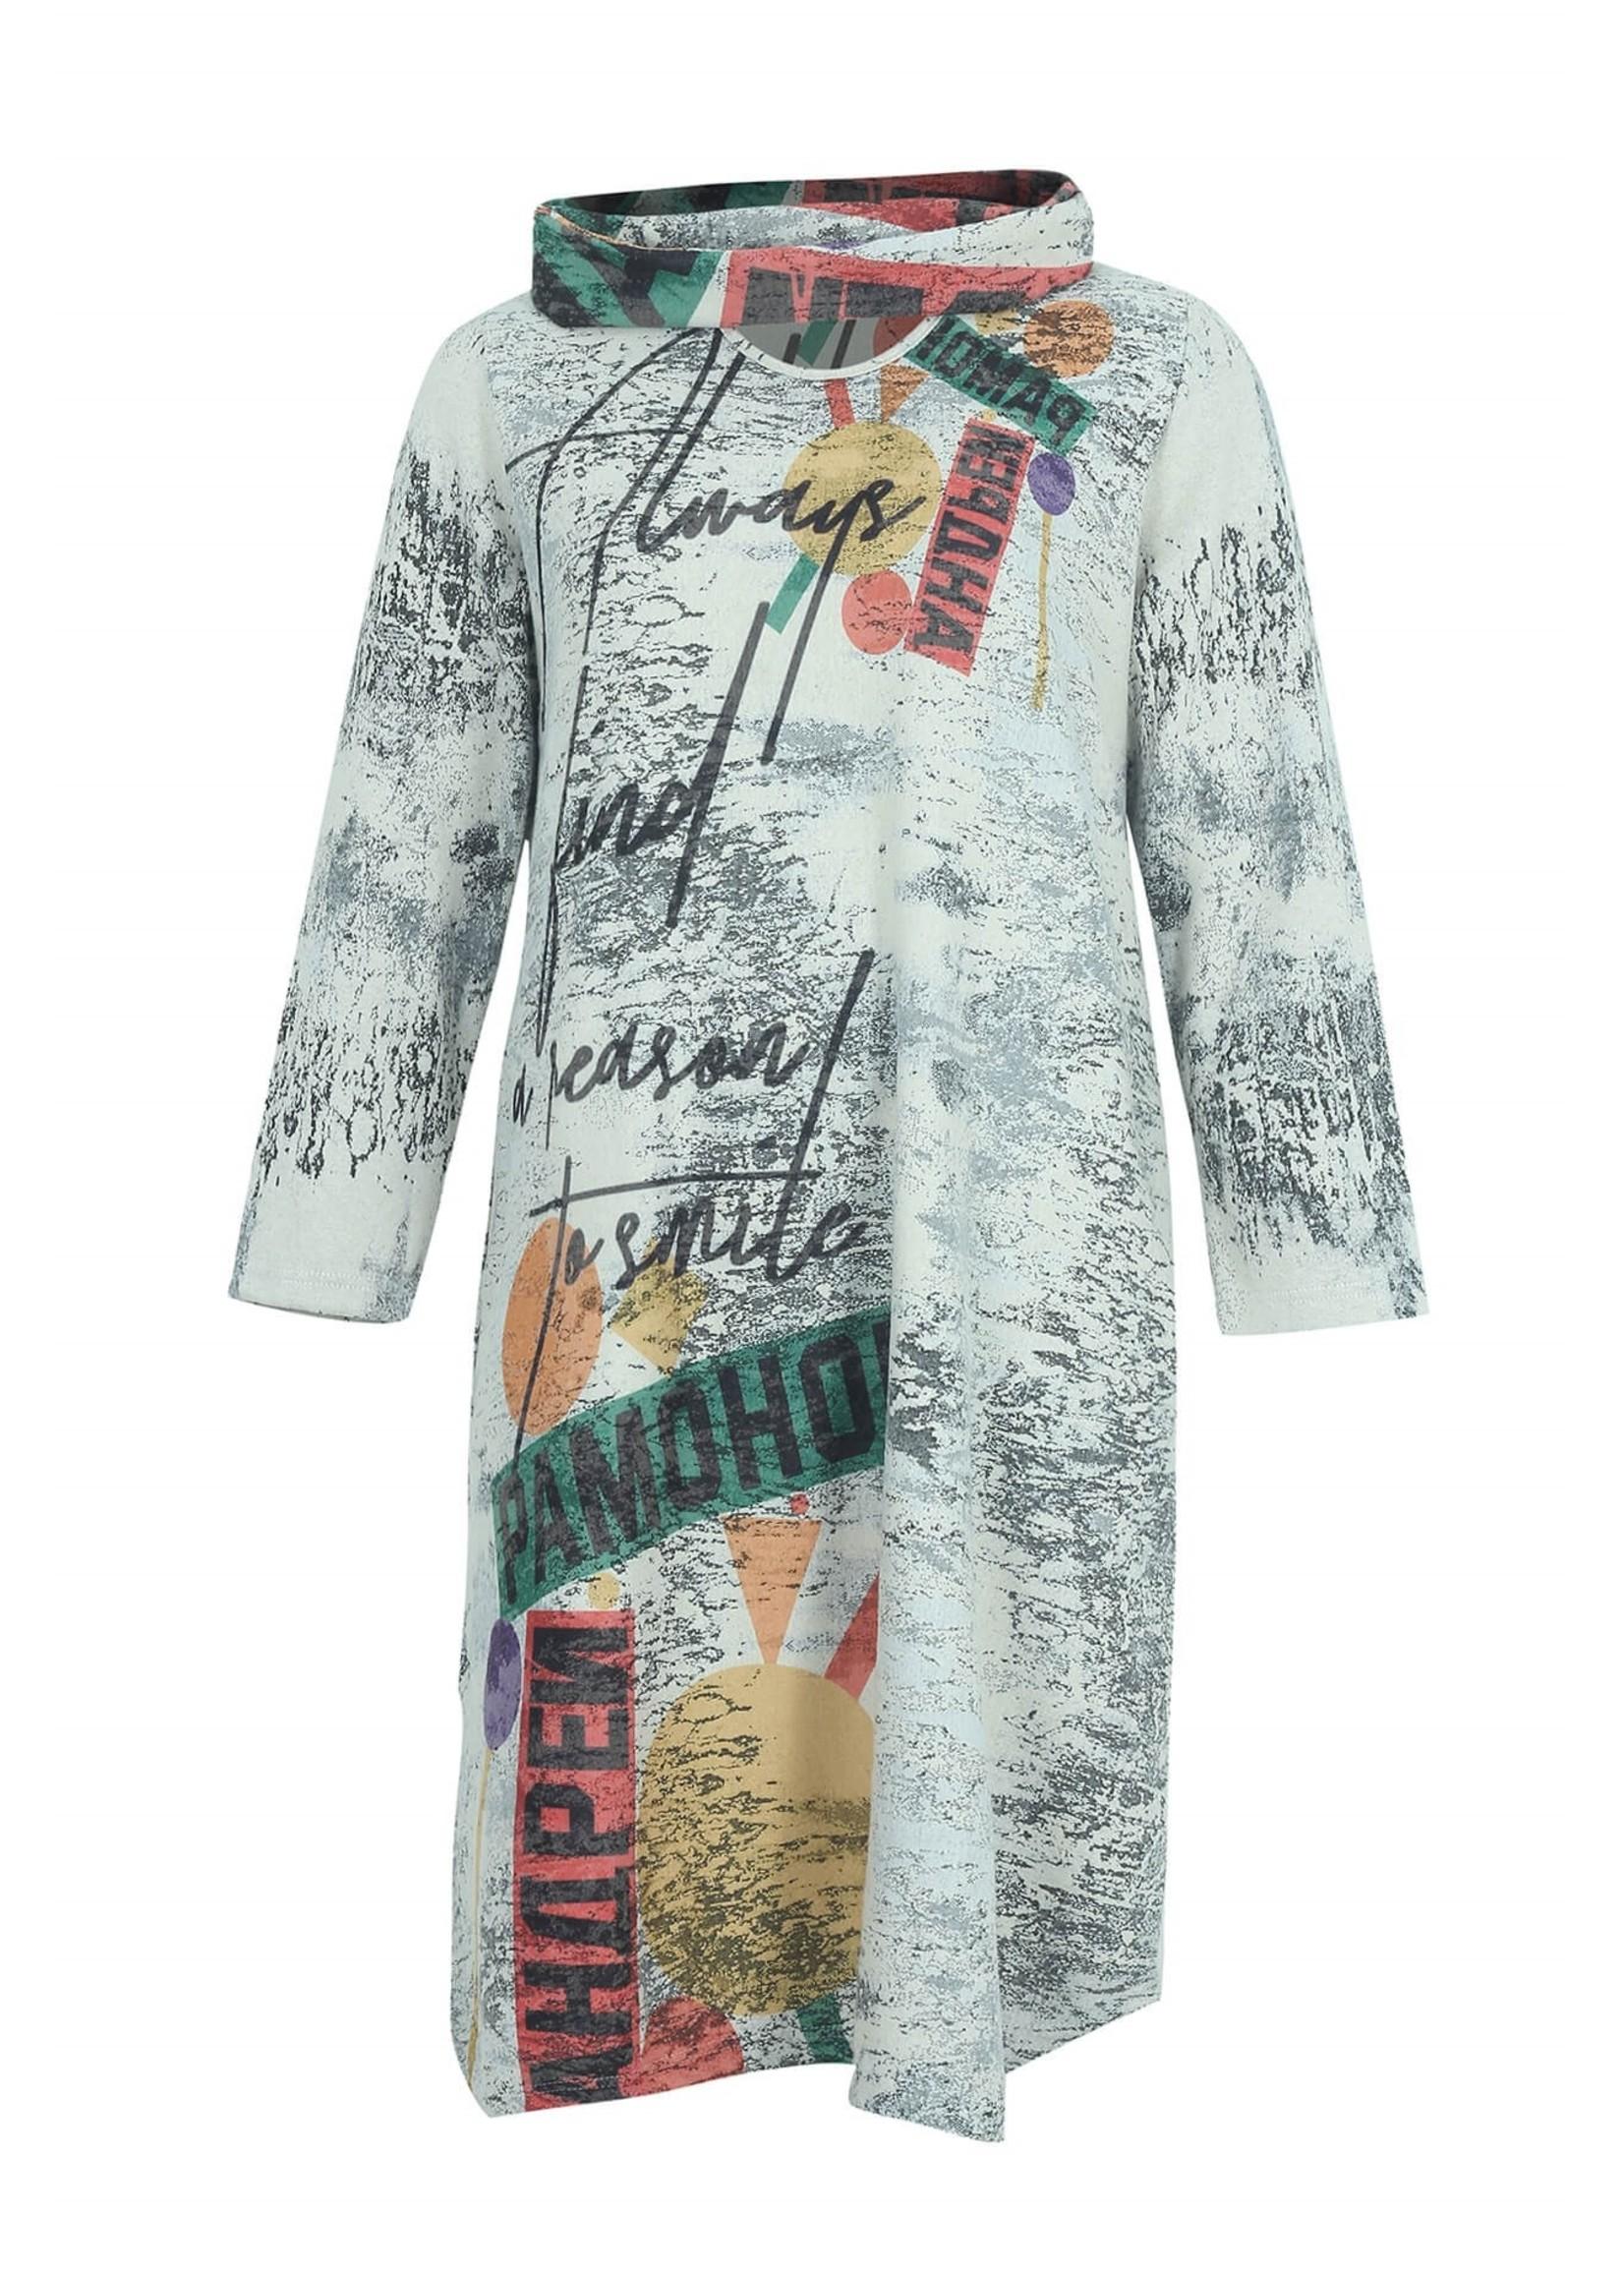 STEPPINOUT 6062 printed dress